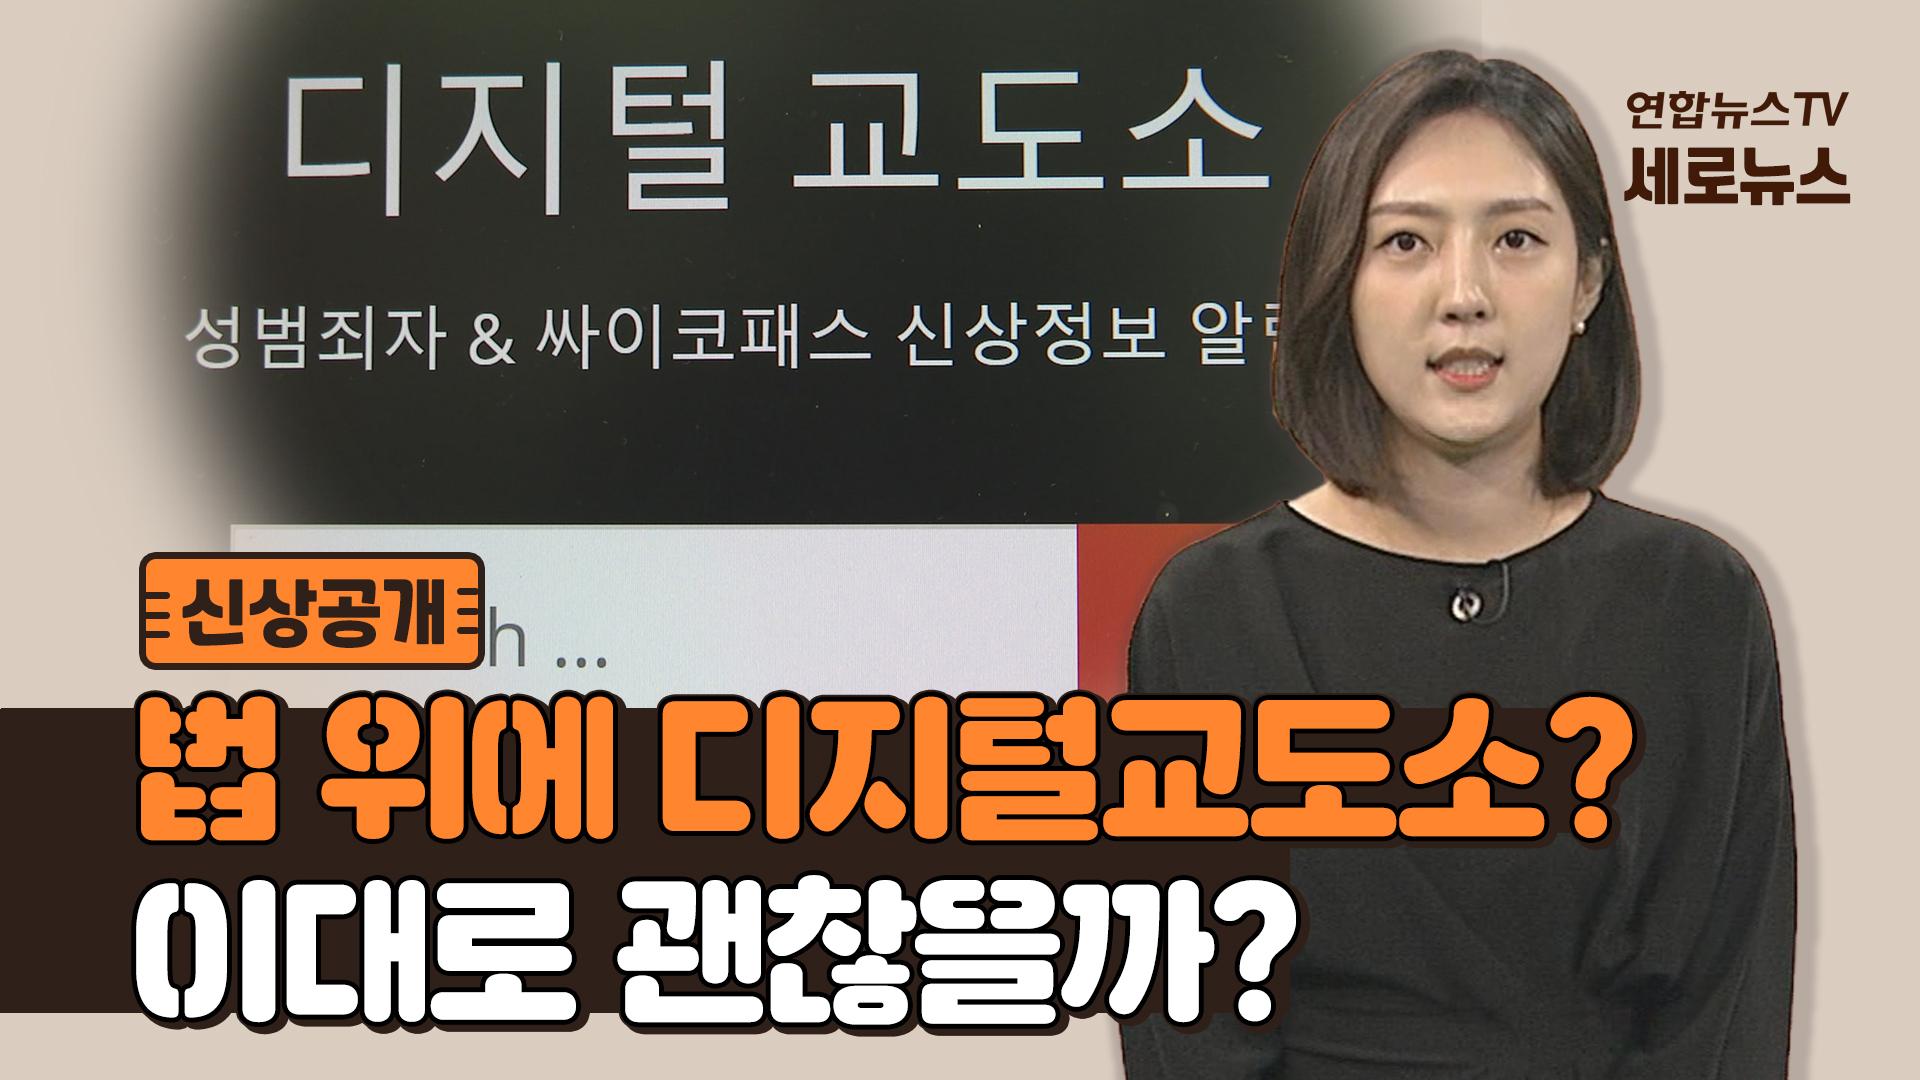 [세로뉴스] 법 위에 있는 디지털교도소? 사적인 신상공개 이대로 괜찮을까?